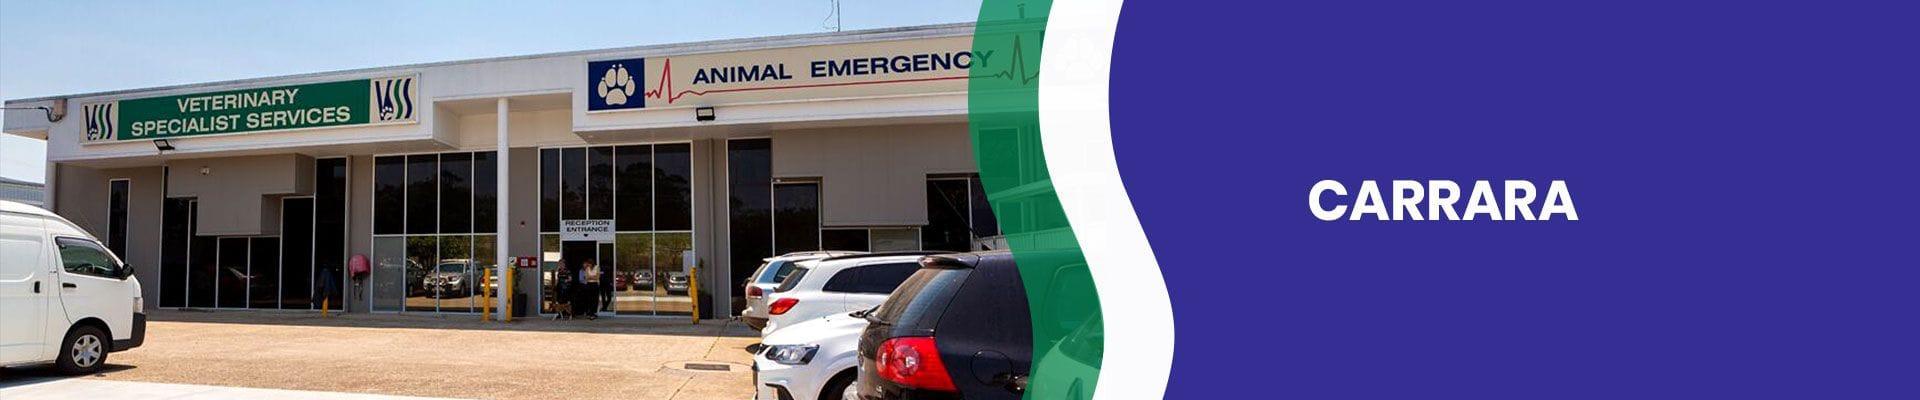 Carrara Vet Hospital   Veterinary Specialist Services